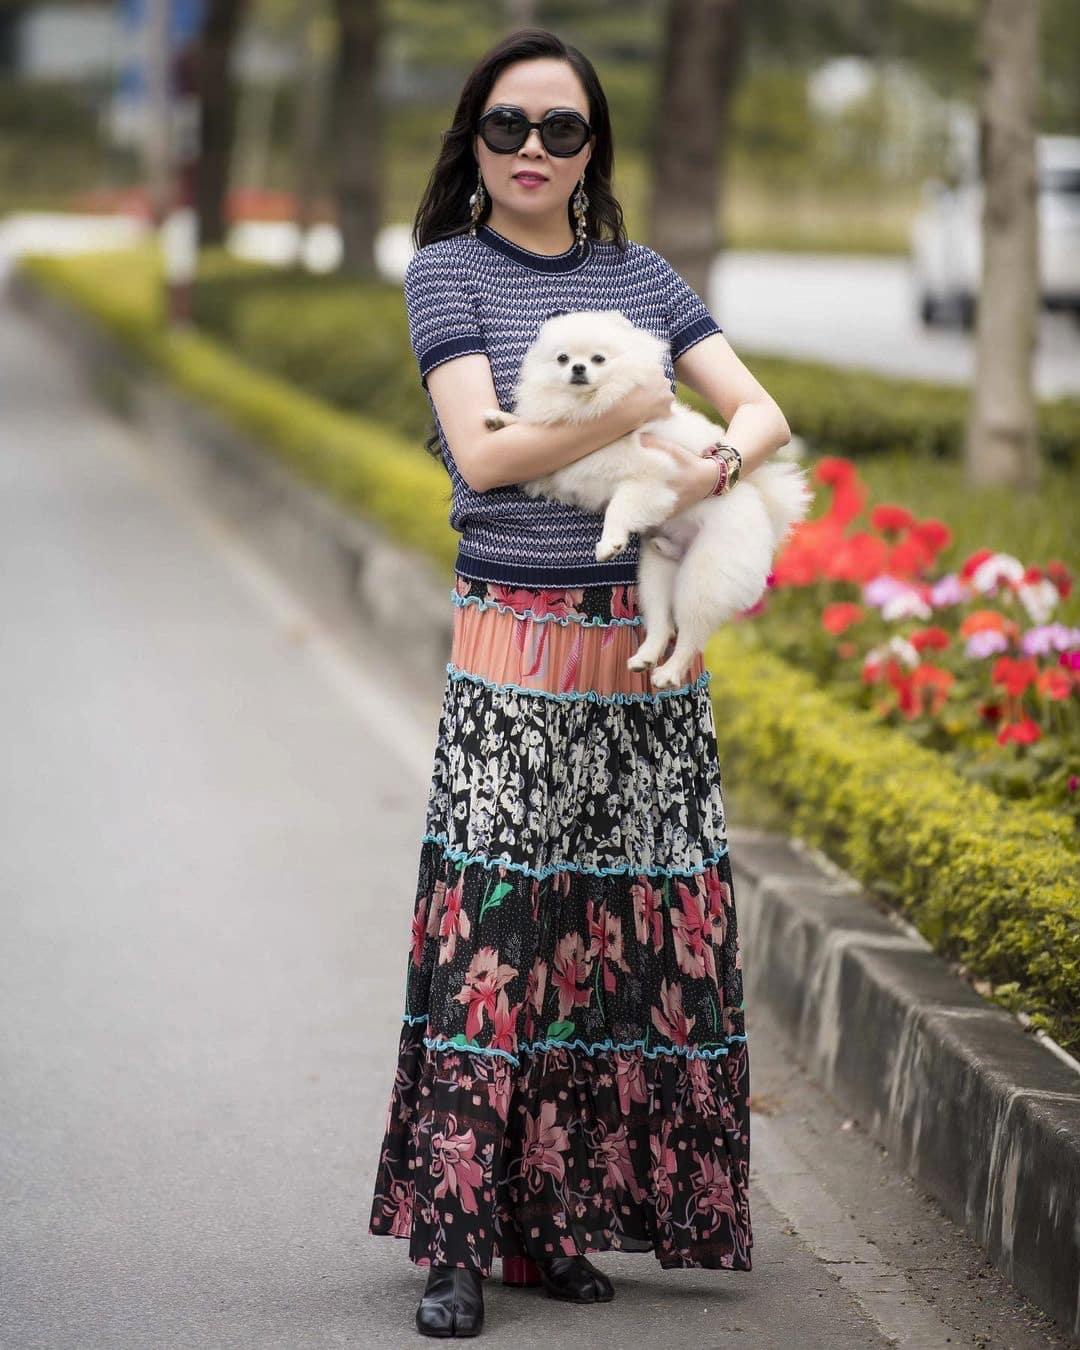 Phượng Chanel đúng là có thù với chân váy dài: cứ amp;#34;lên đồamp;#34; đón ngày rétlại dìm dáng thấy thương - 4